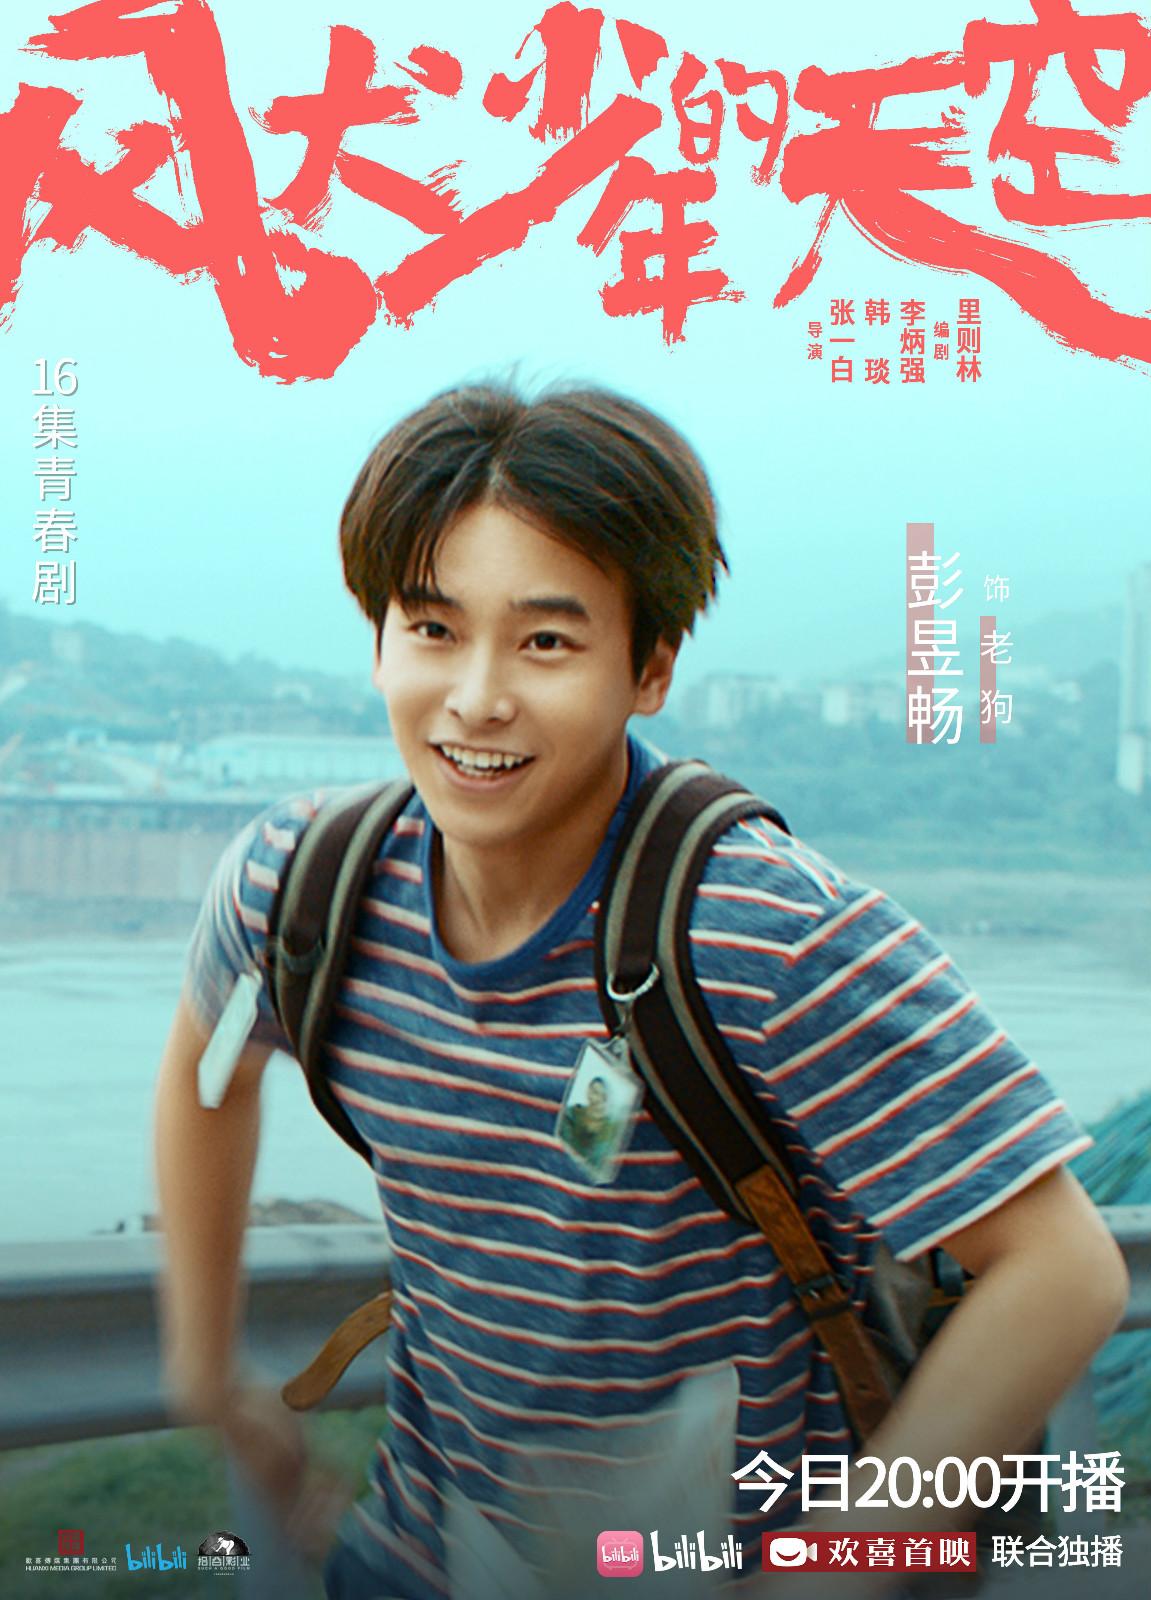 彭昱畅《风犬少年的天空》已开播 讲述青春热血与浪漫